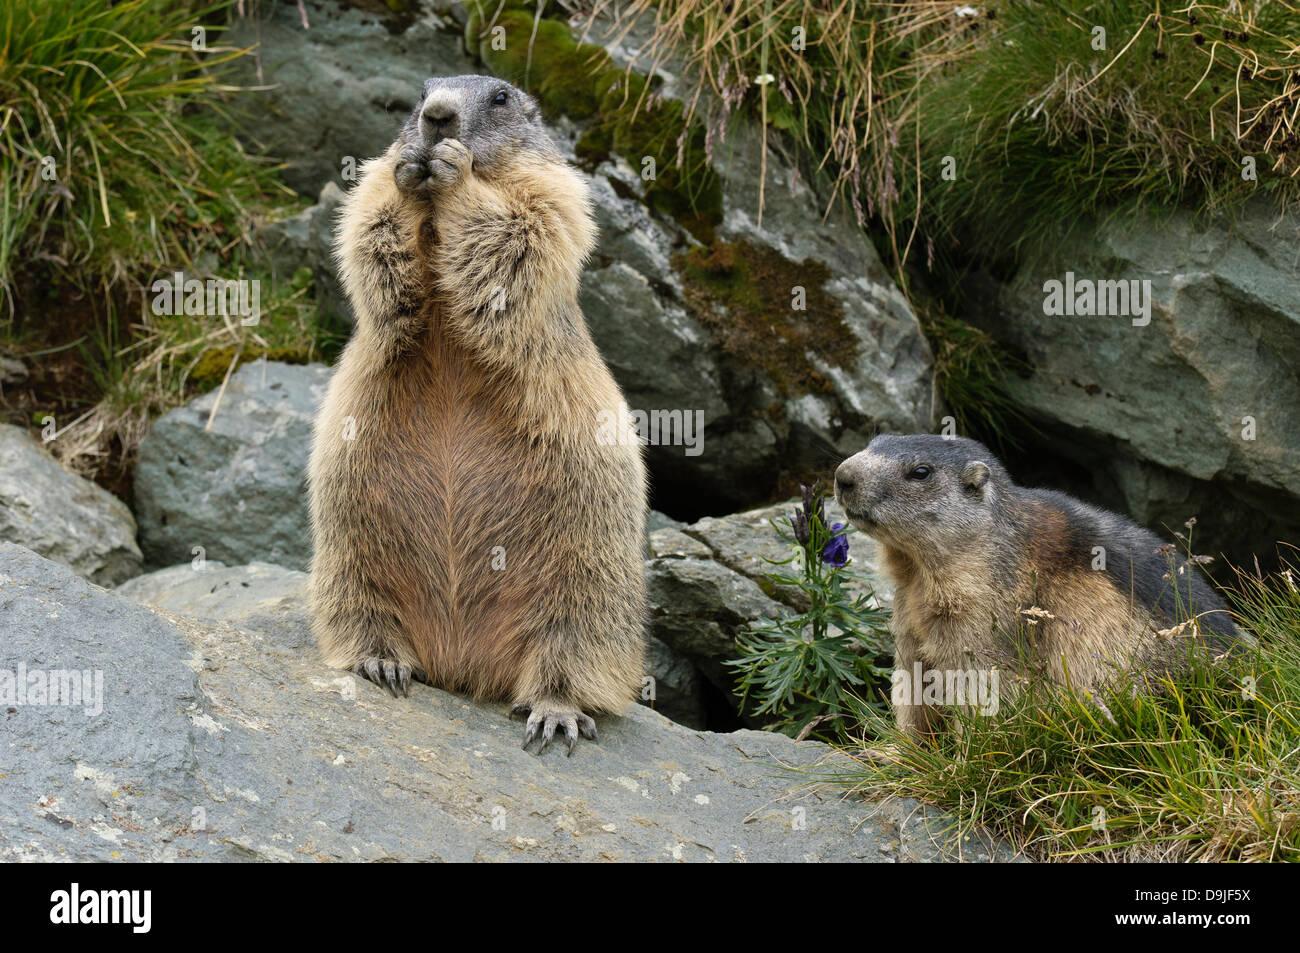 Murmeltier, Alpine Marmot, Marmota marmota Stock Photo